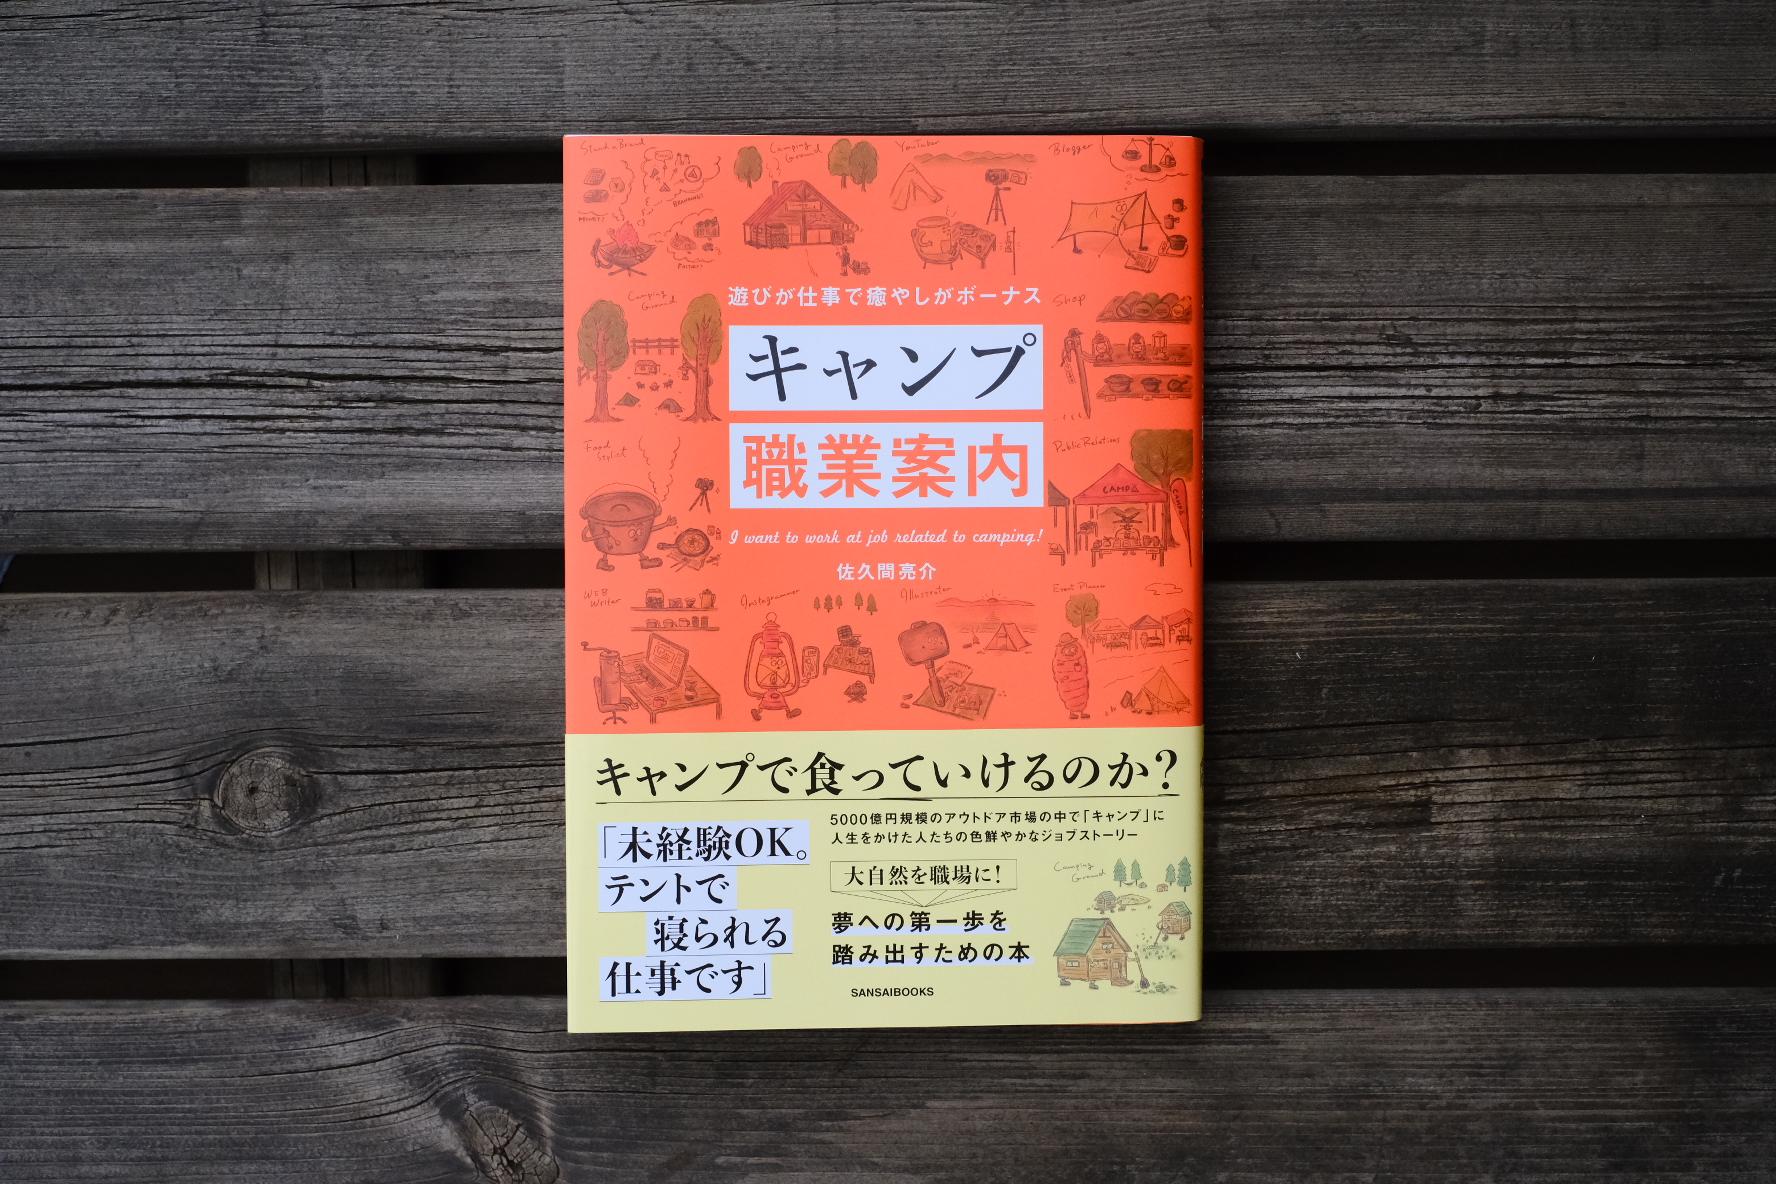 書籍「キャンプ職業案内」カットイラスト・カバーイラスト